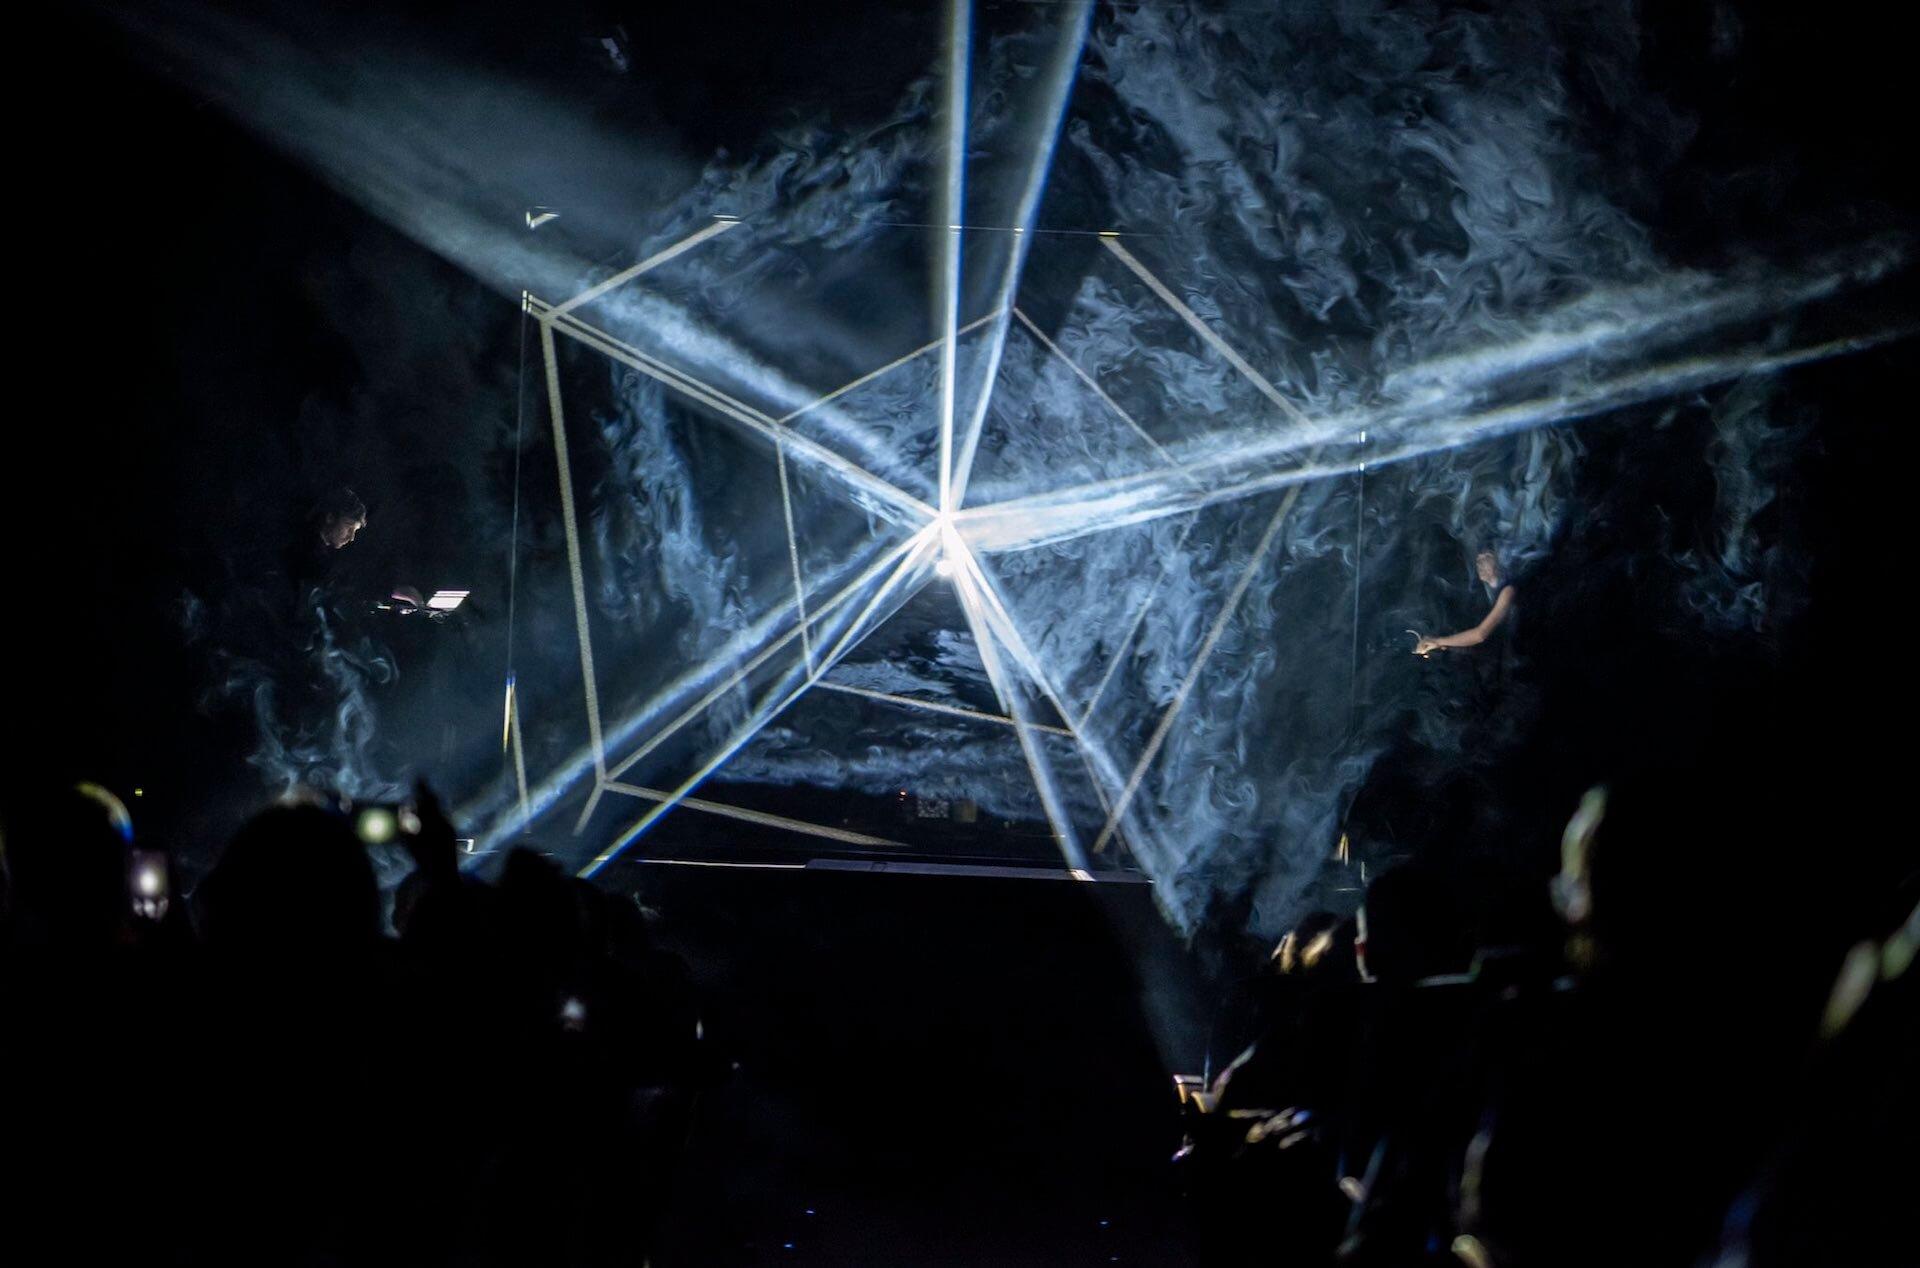 電子音楽&デジタルアートの祭典が渋谷に!<MUTEK.JP>最終フルラインナップ&タイムテーブル発表 art191205_mutek_5